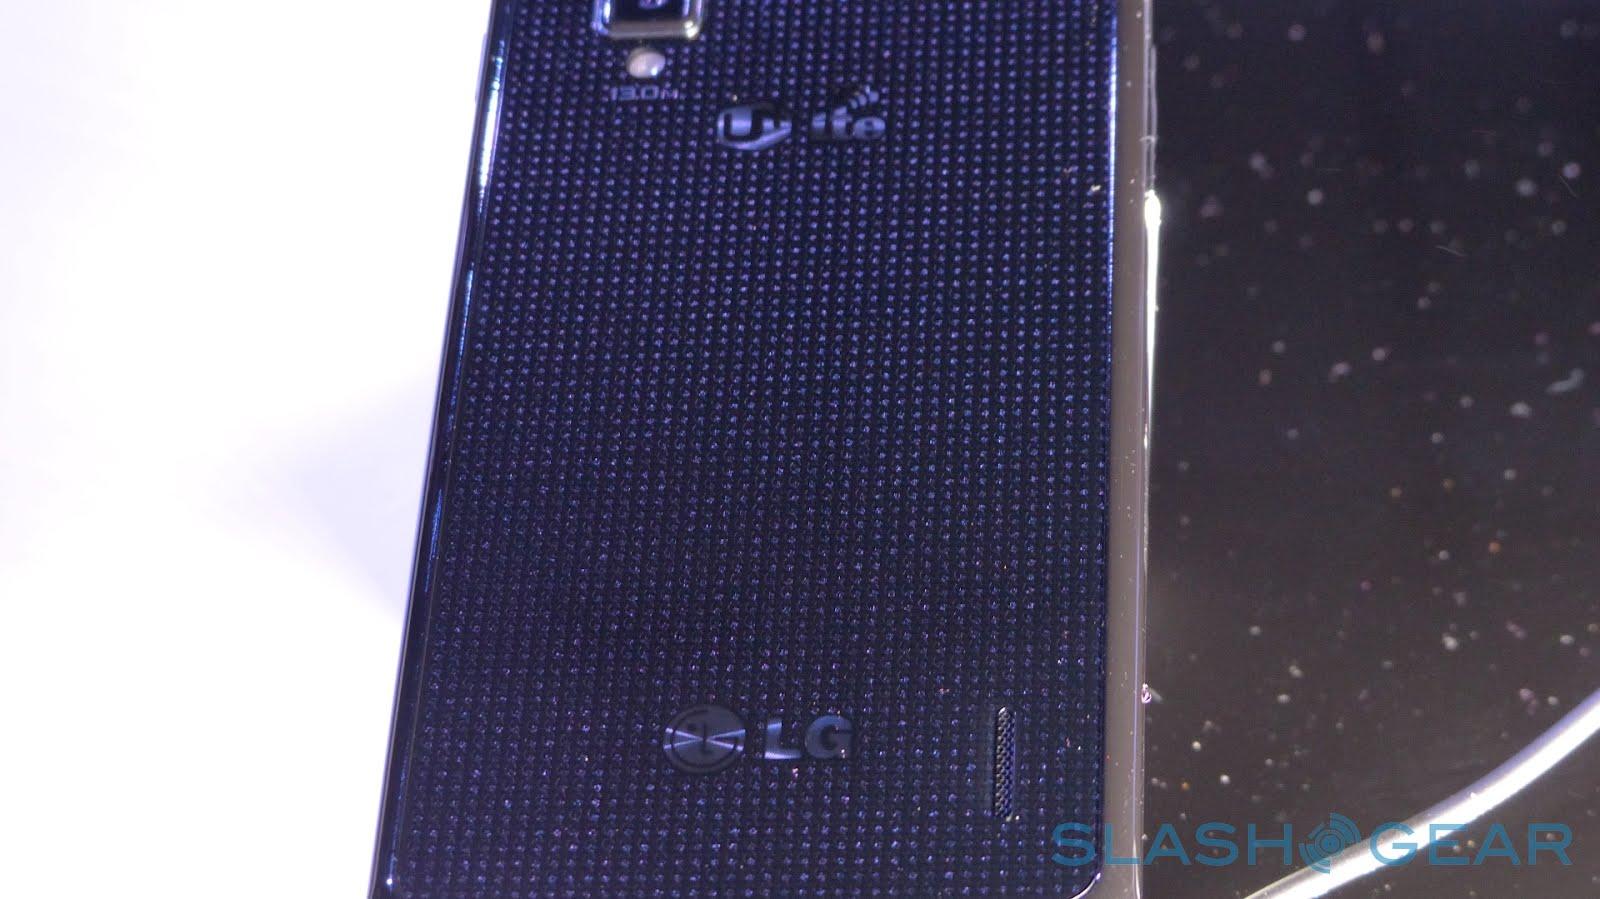 LG Optimus G Într-o experiență hands on detaliată: glossy, puternic, atractiv (Video)